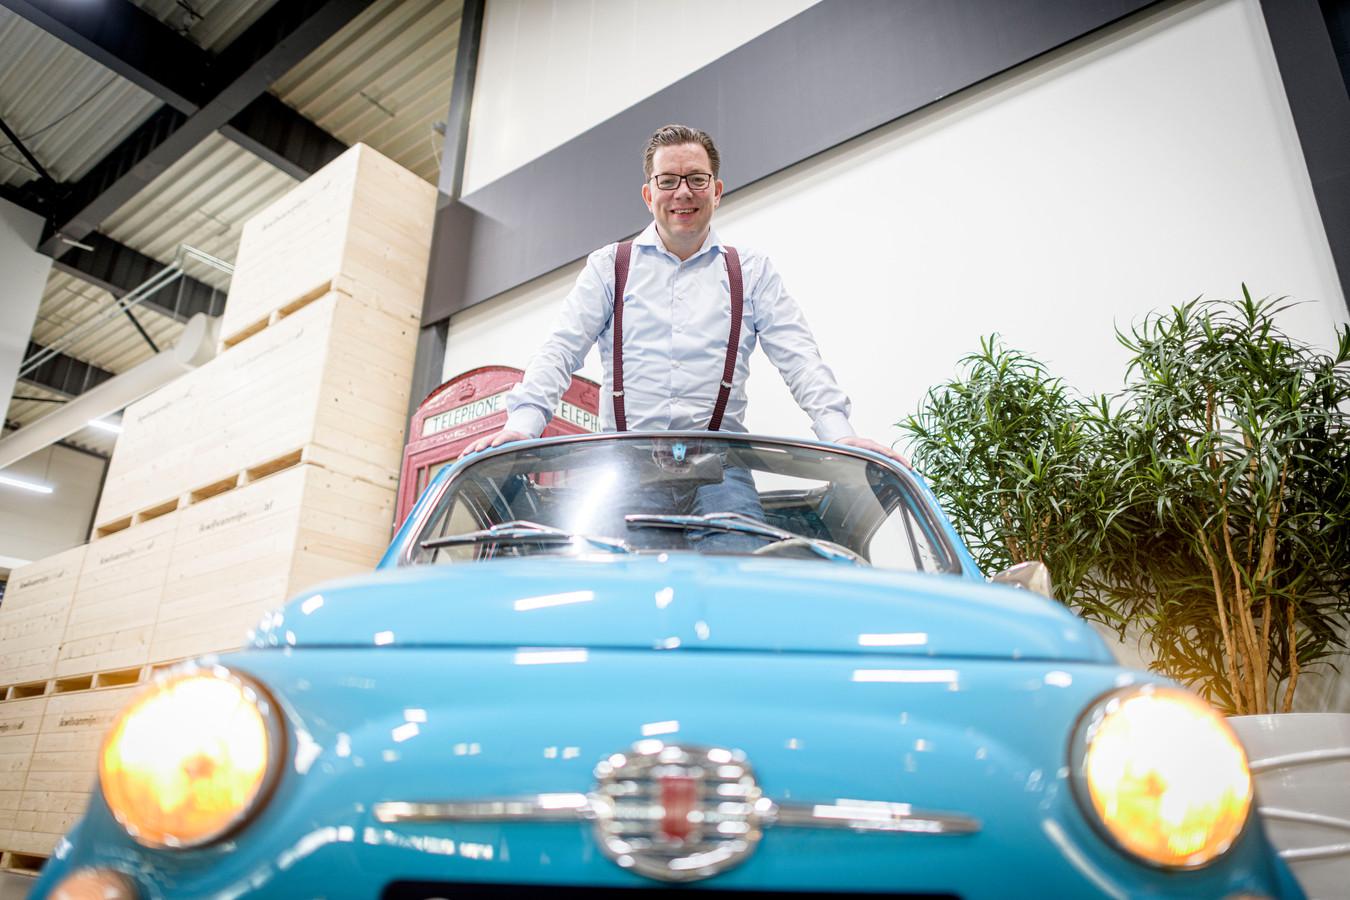 Bas Oude Luttikhuis, eigenaar en oprichter van Mister Wheelson, een bedrijf dat bemiddelt bij de verkoop van auto's.